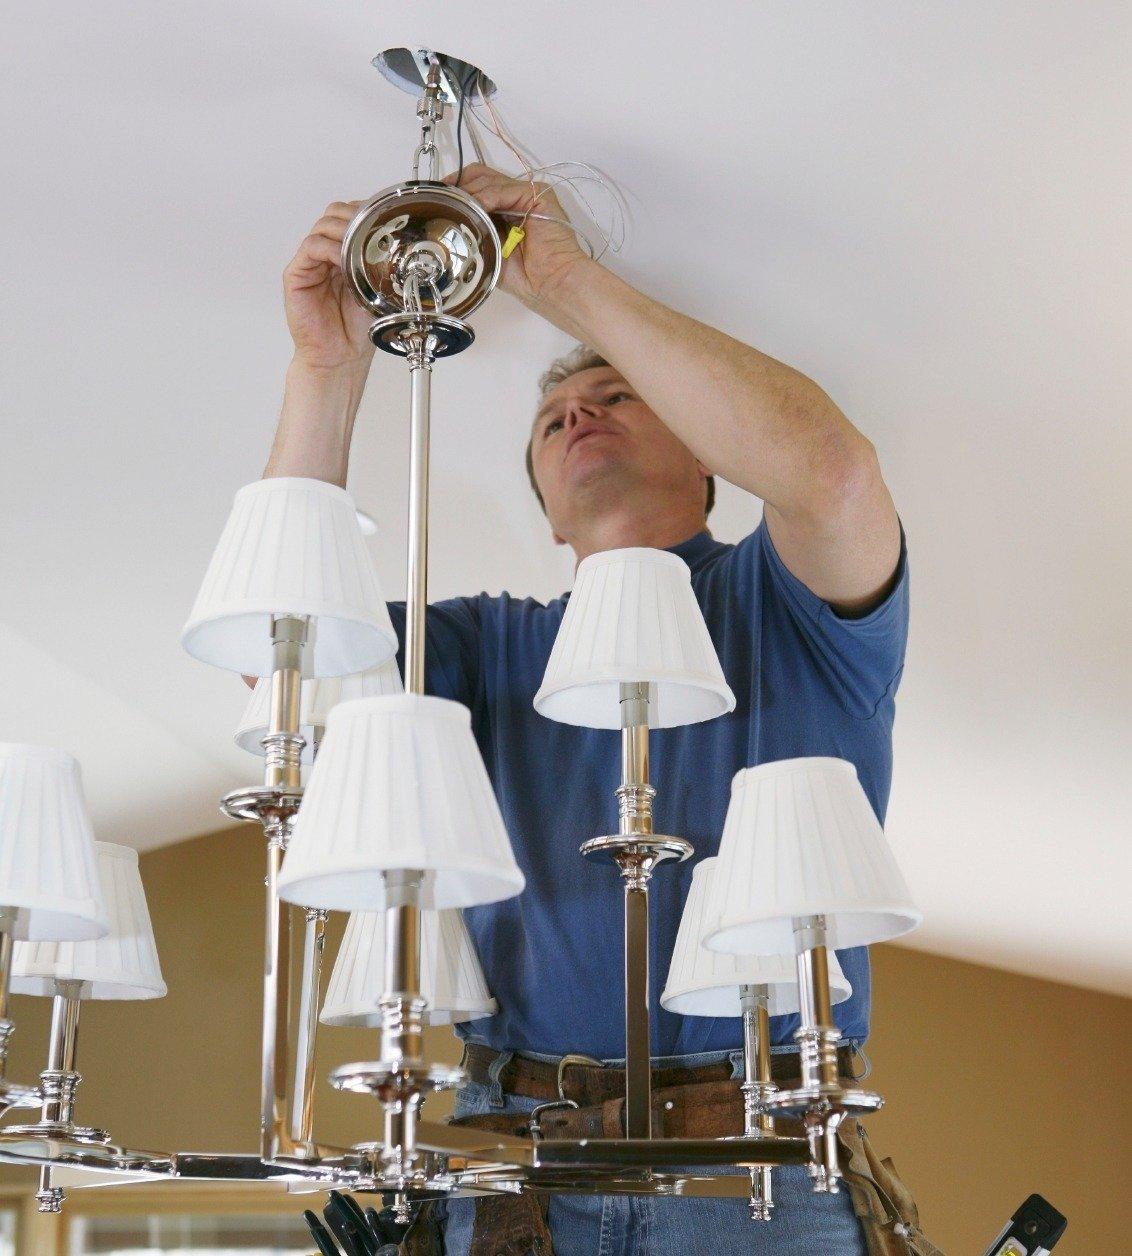 Монтаж освещения в квартире. Установка люстры